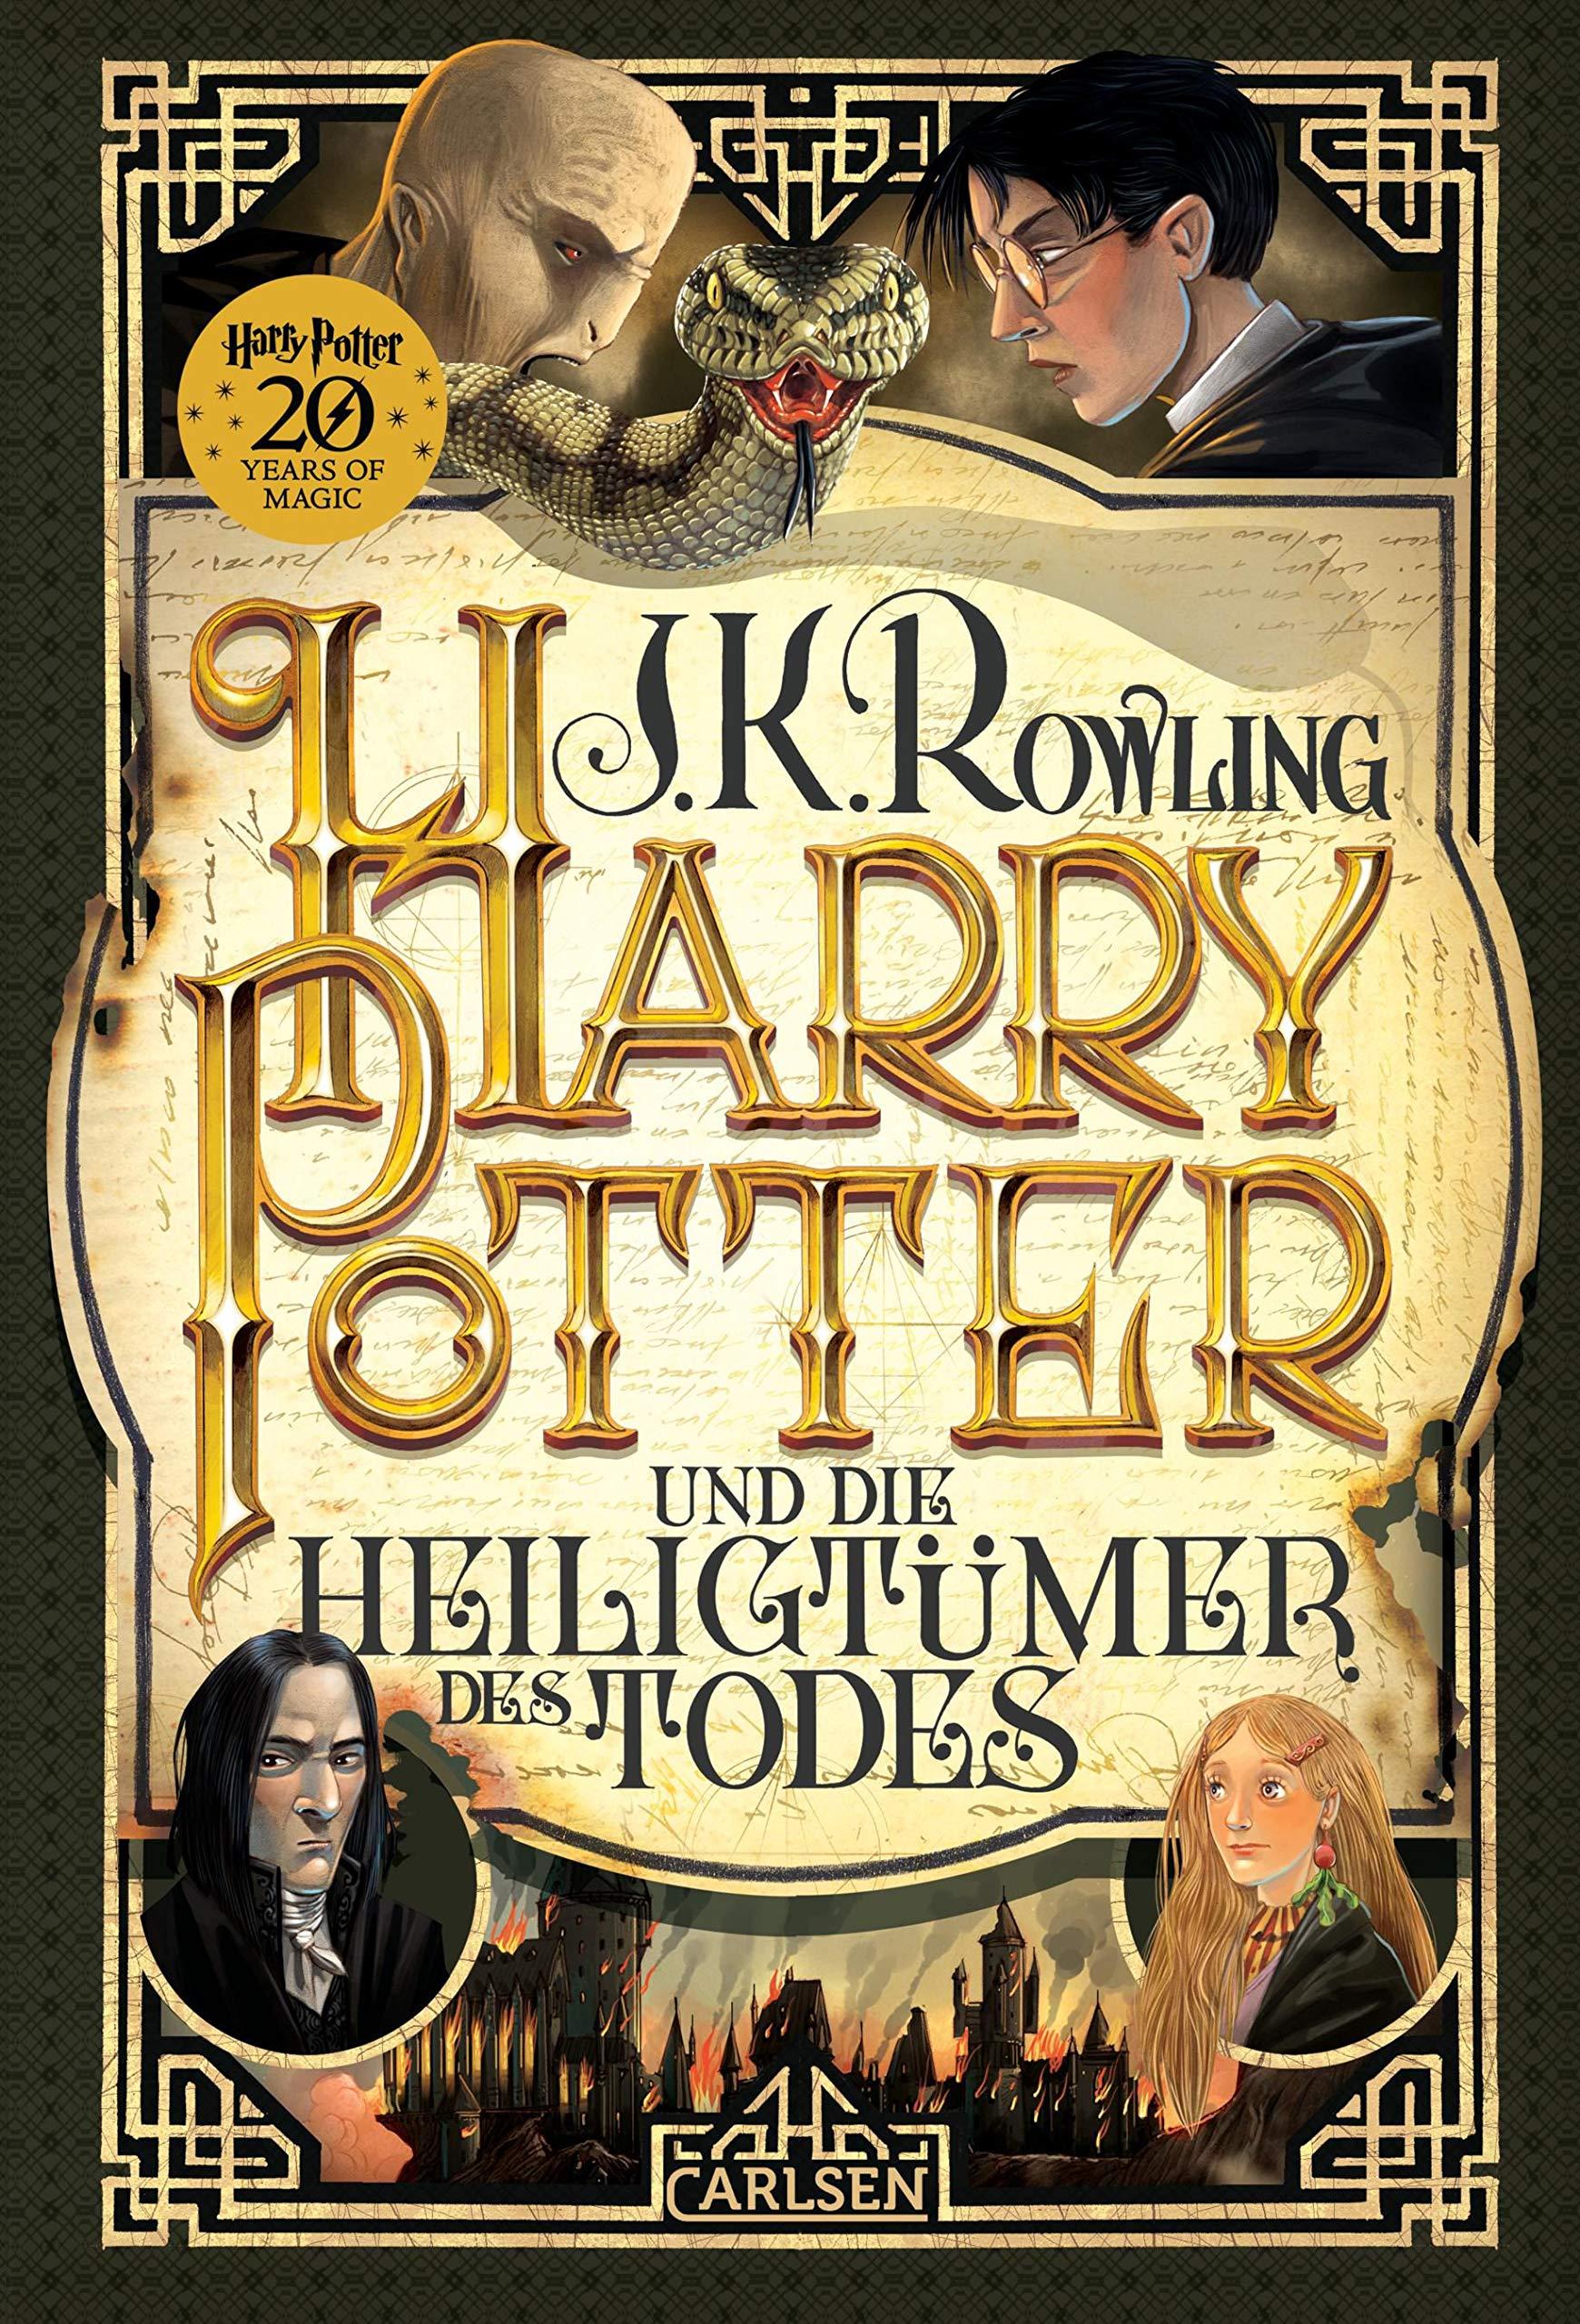 Harry Potter und die Heiligtümer des Todes (Harry Potter 7) Gebundenes Buch – 31. August 2018 J.K. Rowling Klaus Fritz Carlsen 3551557470